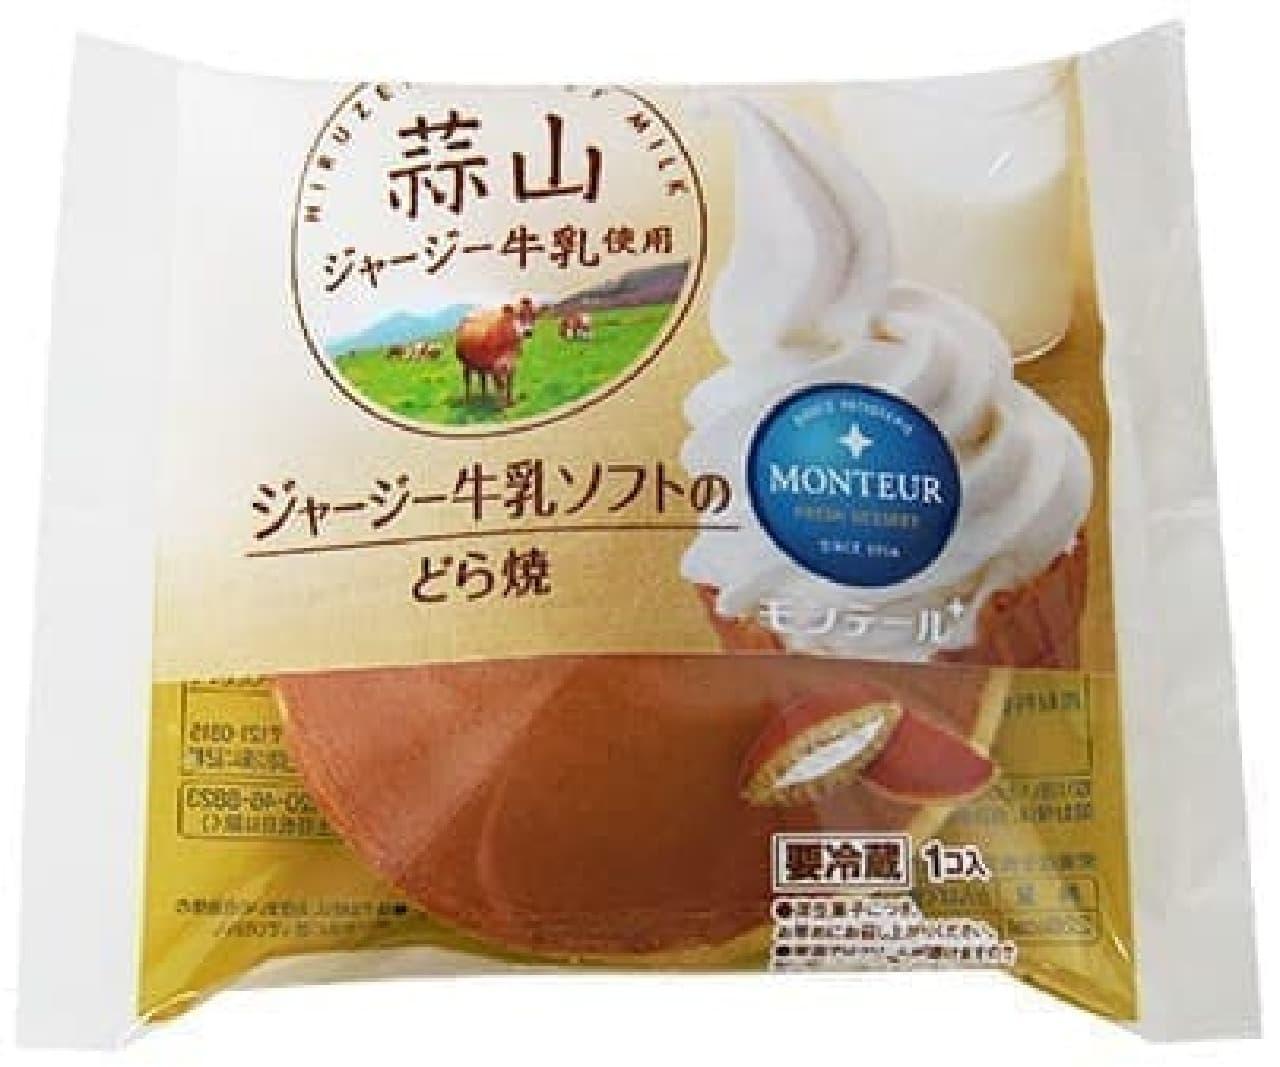 モンテール「ジャージー牛乳ソフトのどら焼」